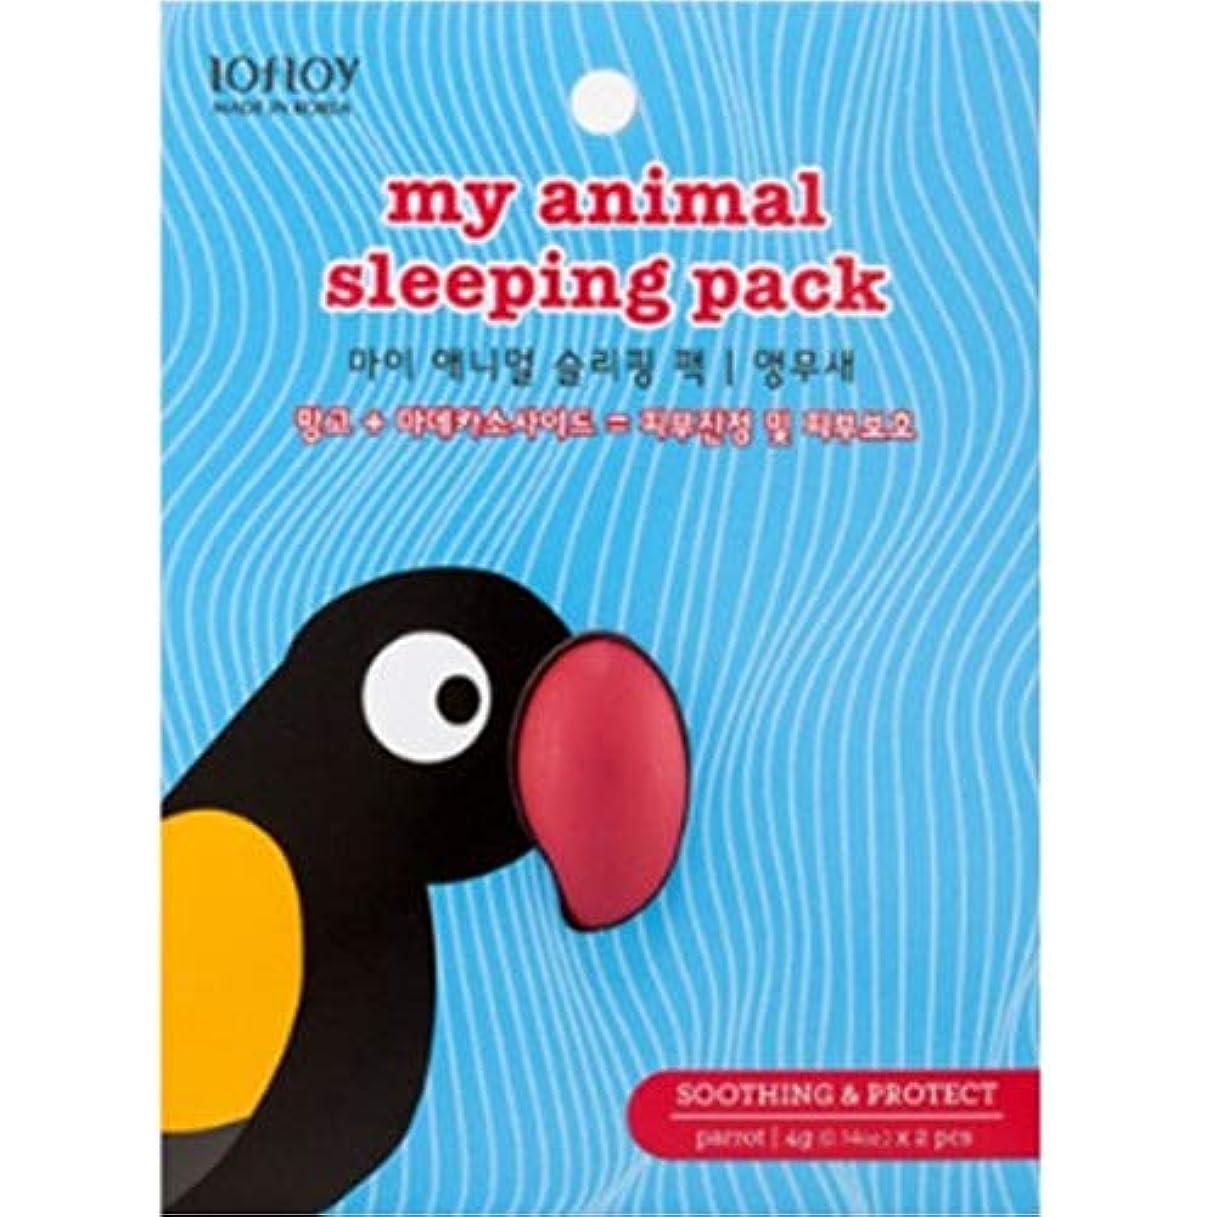 オーガニック会計刺すLOFLOY My Animal Sleeping Pack Parrot CH1379393 4g x 2PCS [並行輸入品]